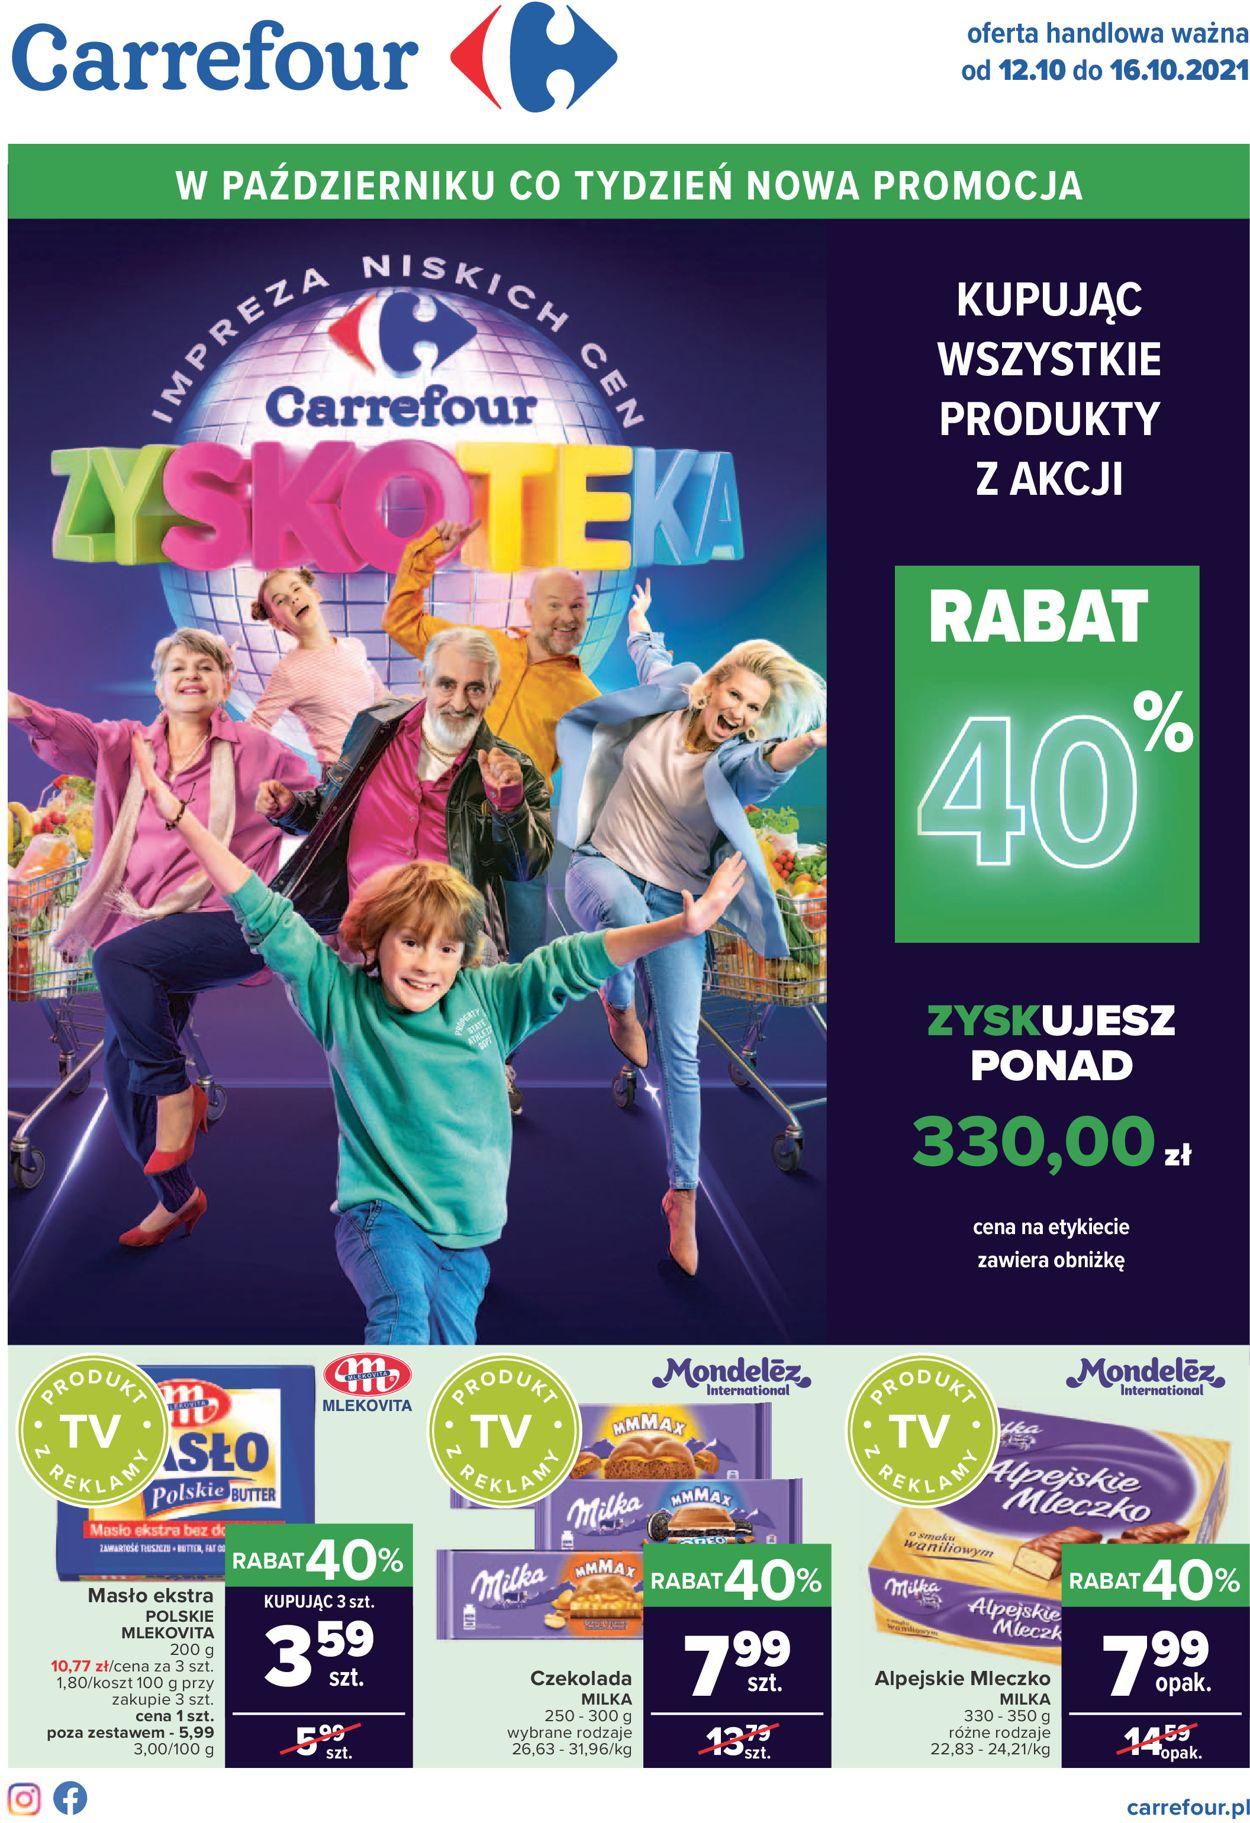 Gazetka promocyjna Carrefour Dzień Nauczyciela - 12.10-16.10.2021